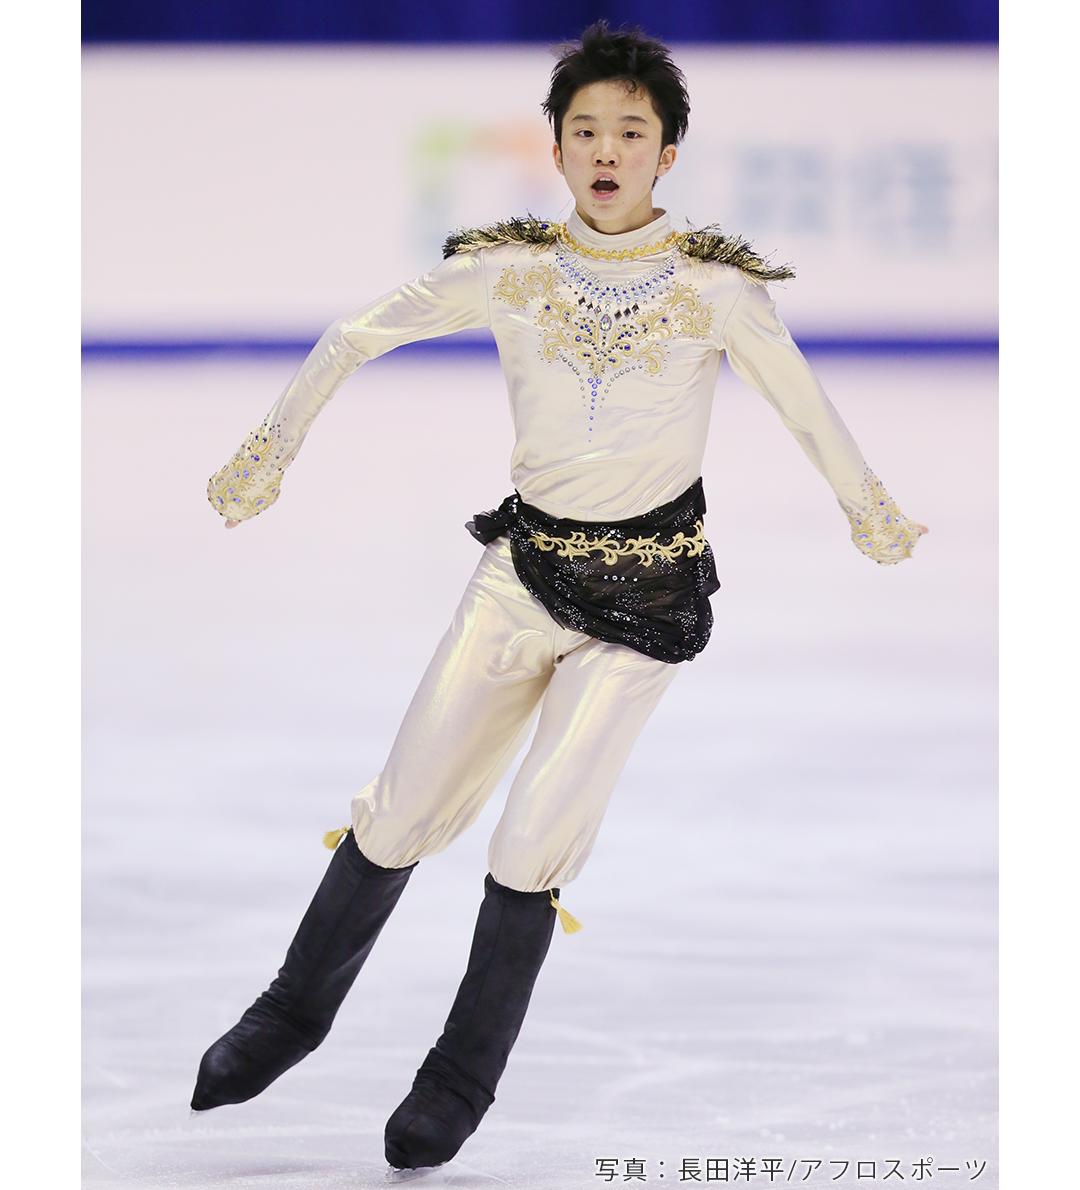 世界中から氷上のイケメンが集結! フィギュアスケート男子フォトギャラリー_1_30